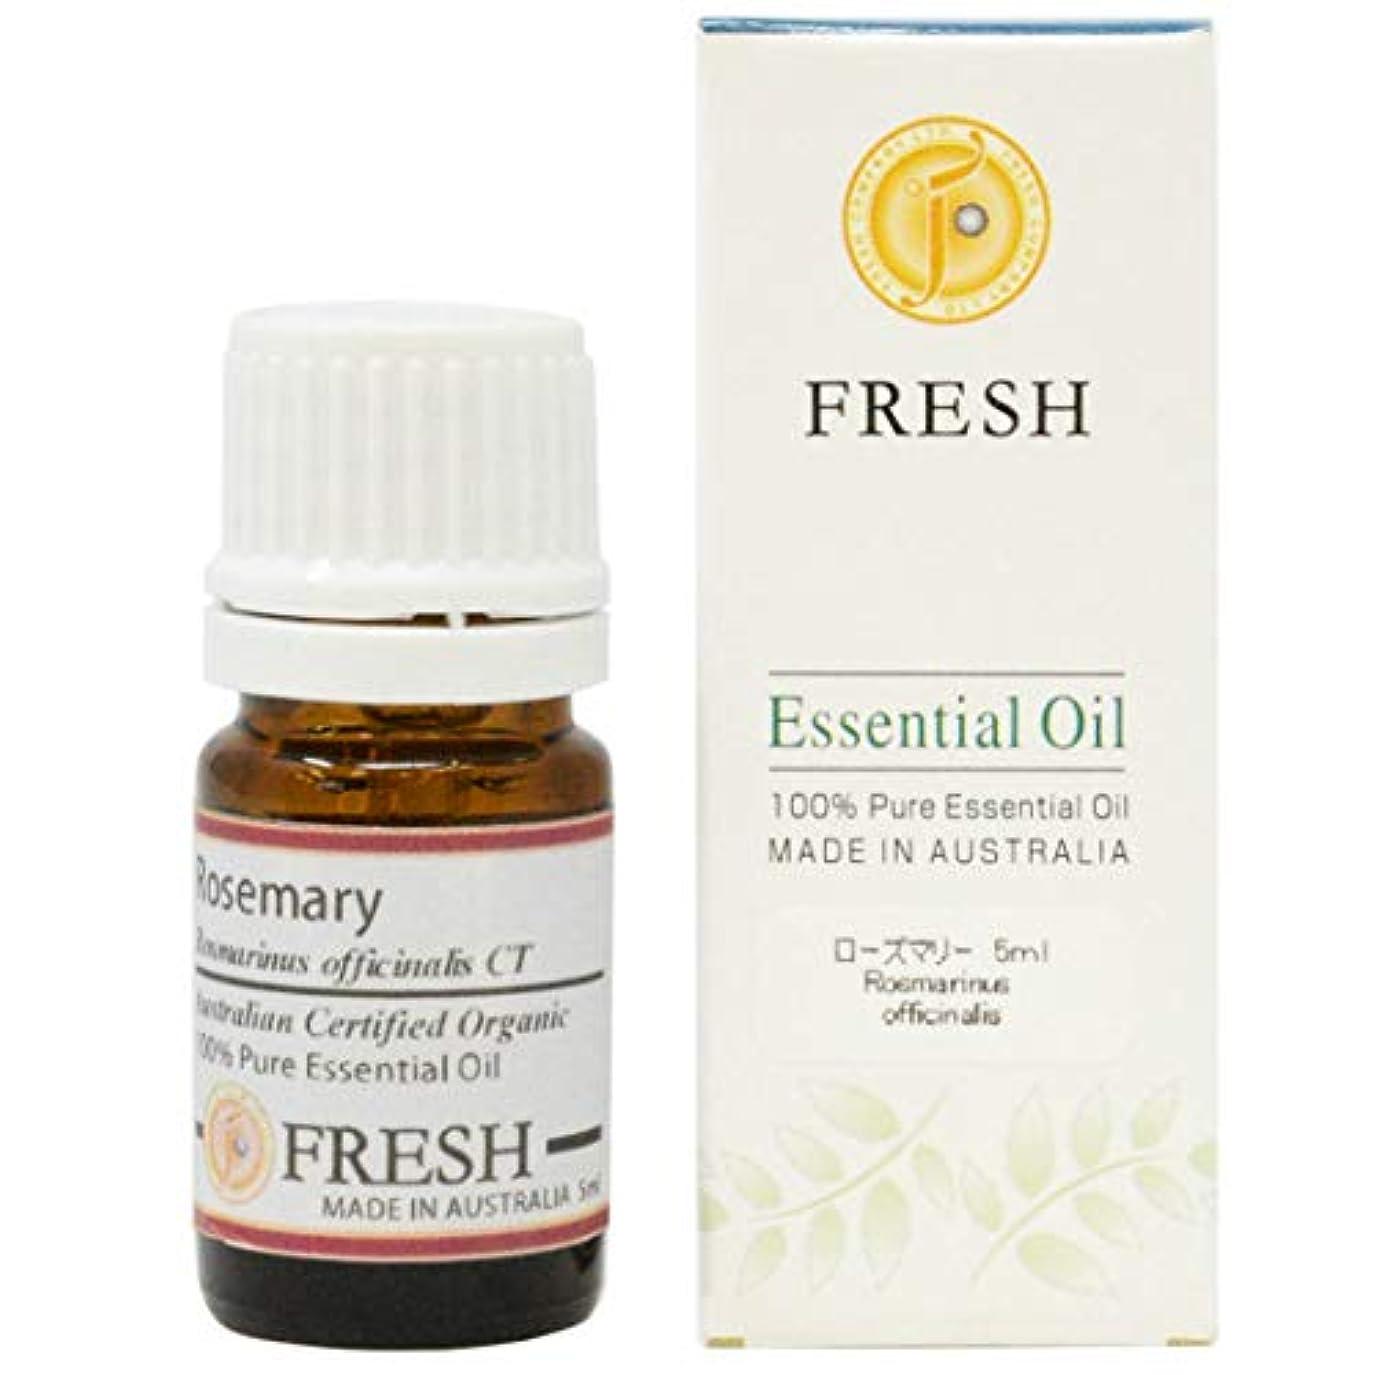 義務的肝維持するFRESH オーガニック エッセンシャルオイル ローズマリー 5ml (FRESH 精油)